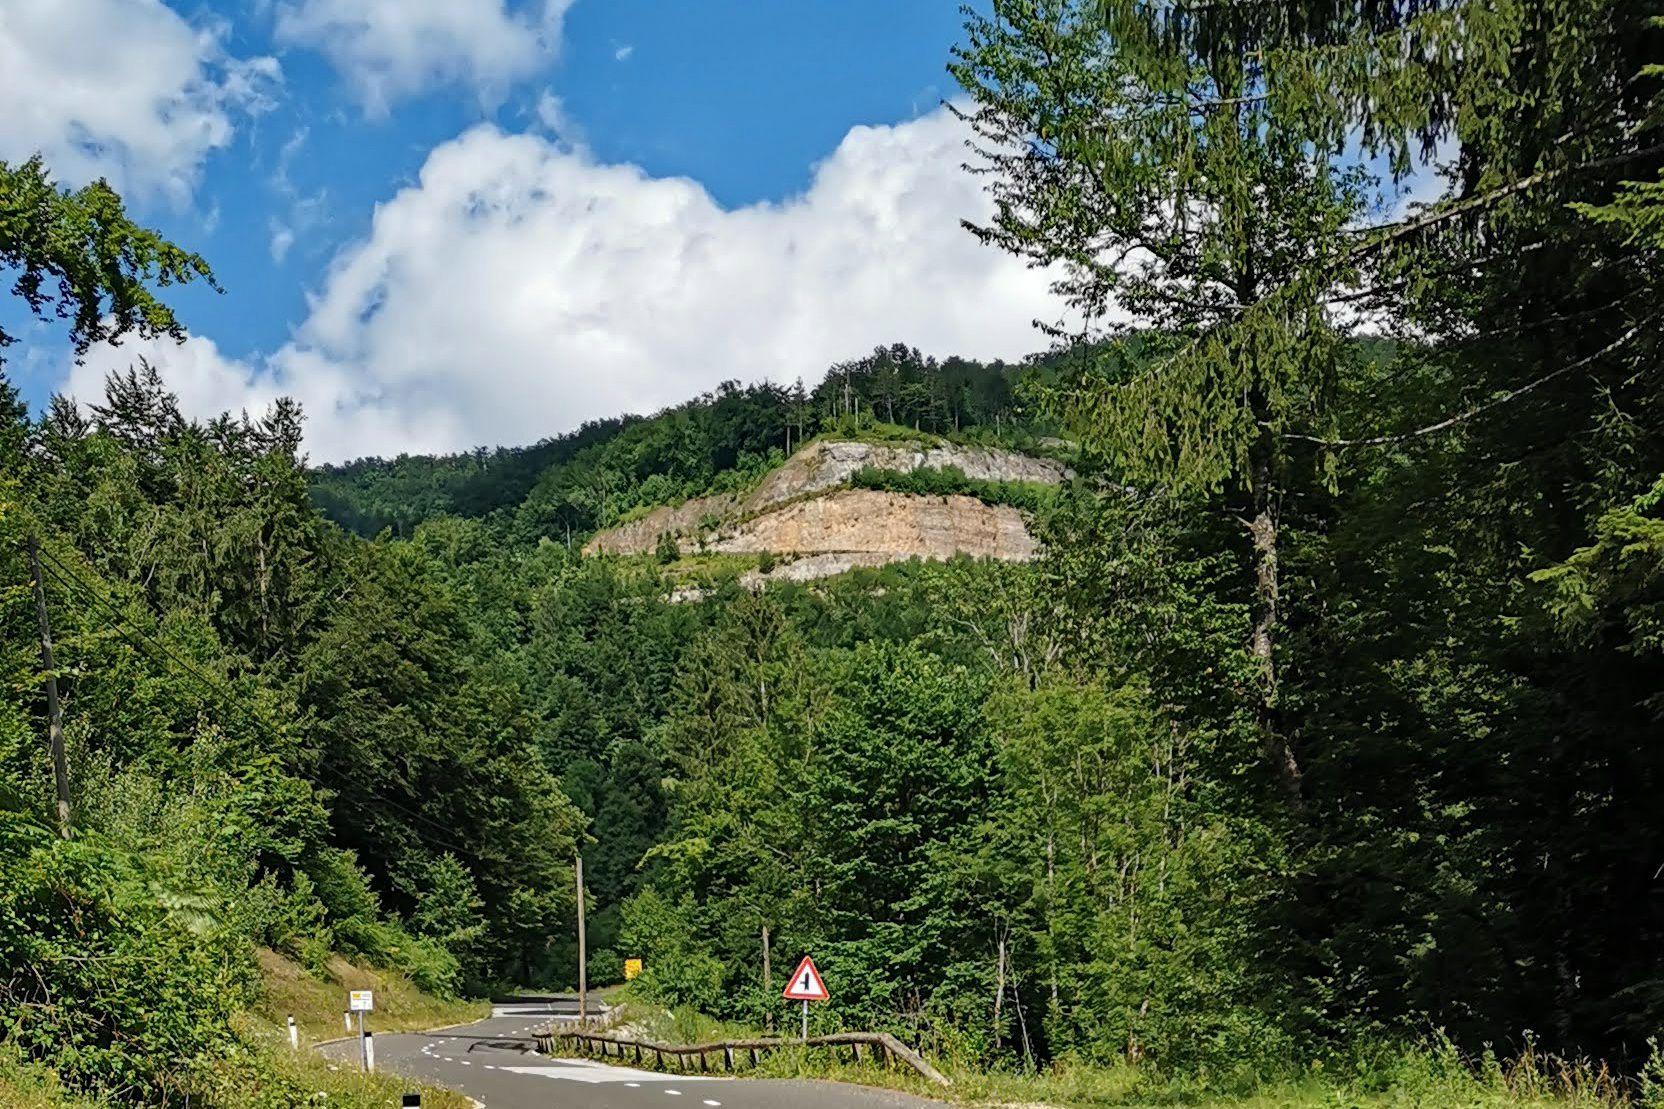 Že ob vznožju kolesarja pričaka grozeč prizor: visoko nad dolino v živo skalo speljana cesta.